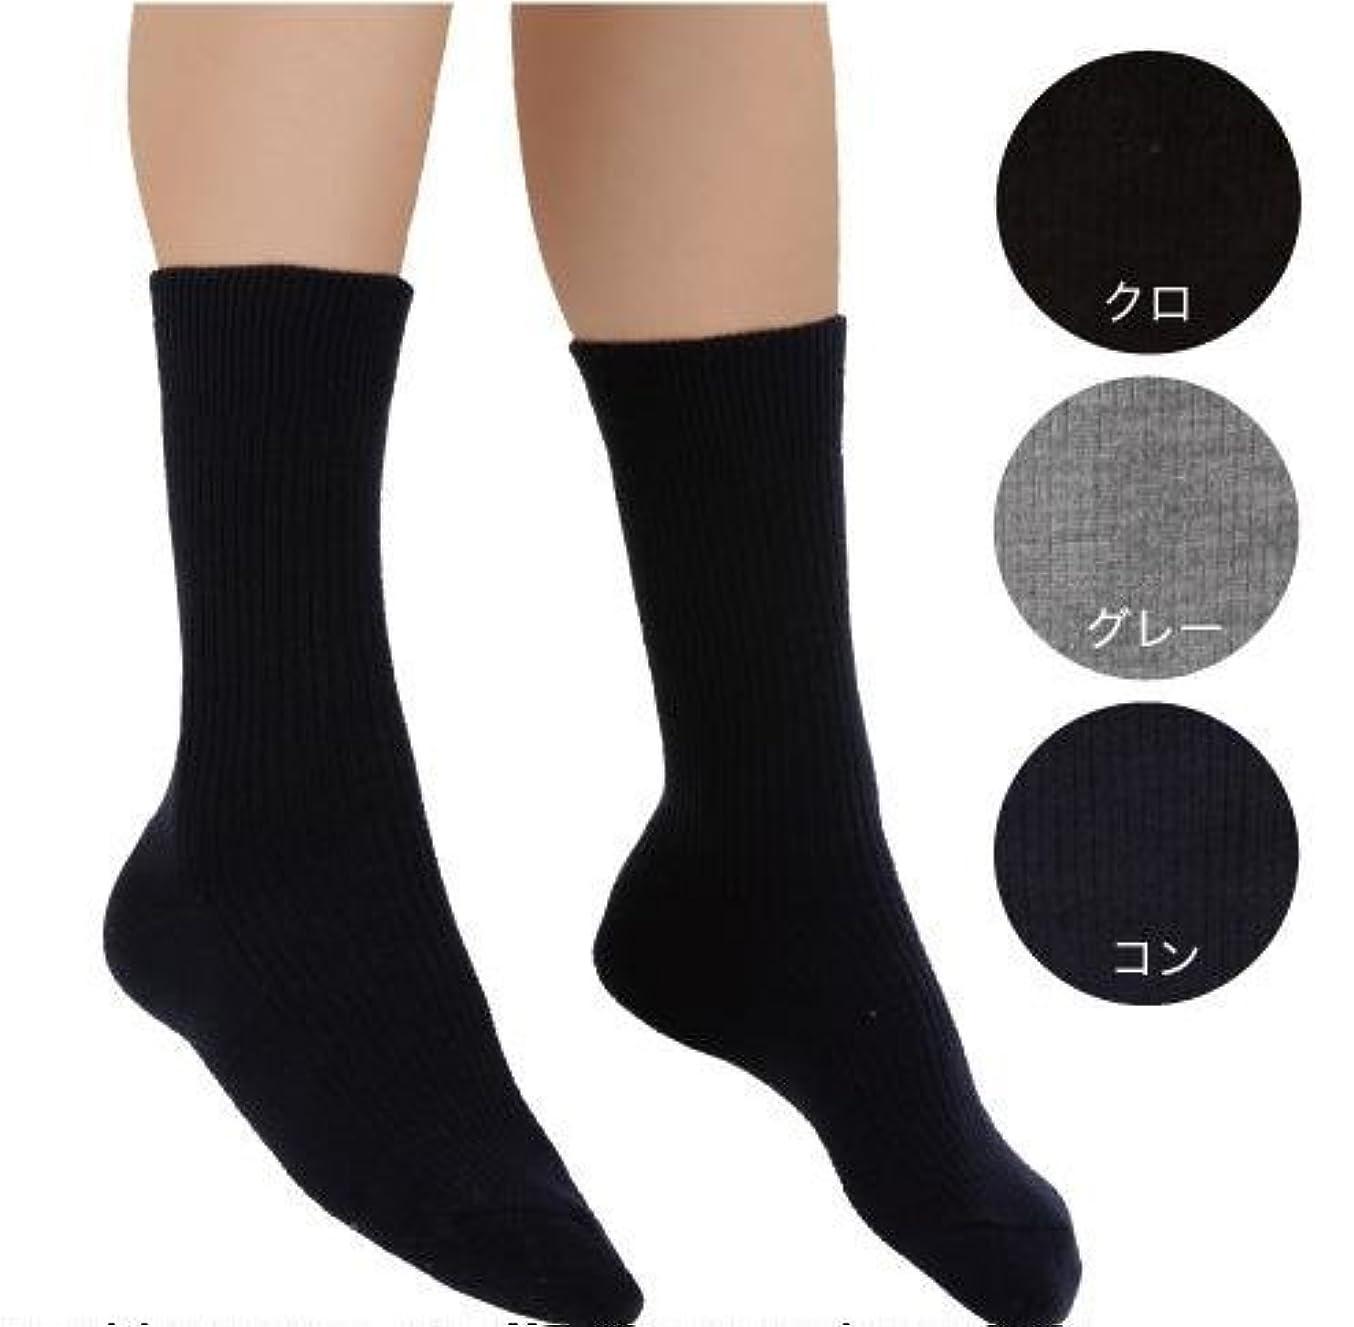 竜巻医療の狭い健康肌着 ひだまり ダブルソックス 3足組 (紳士用:黒、紺、グレー の3色組/フリーサイズ(24~26cm))